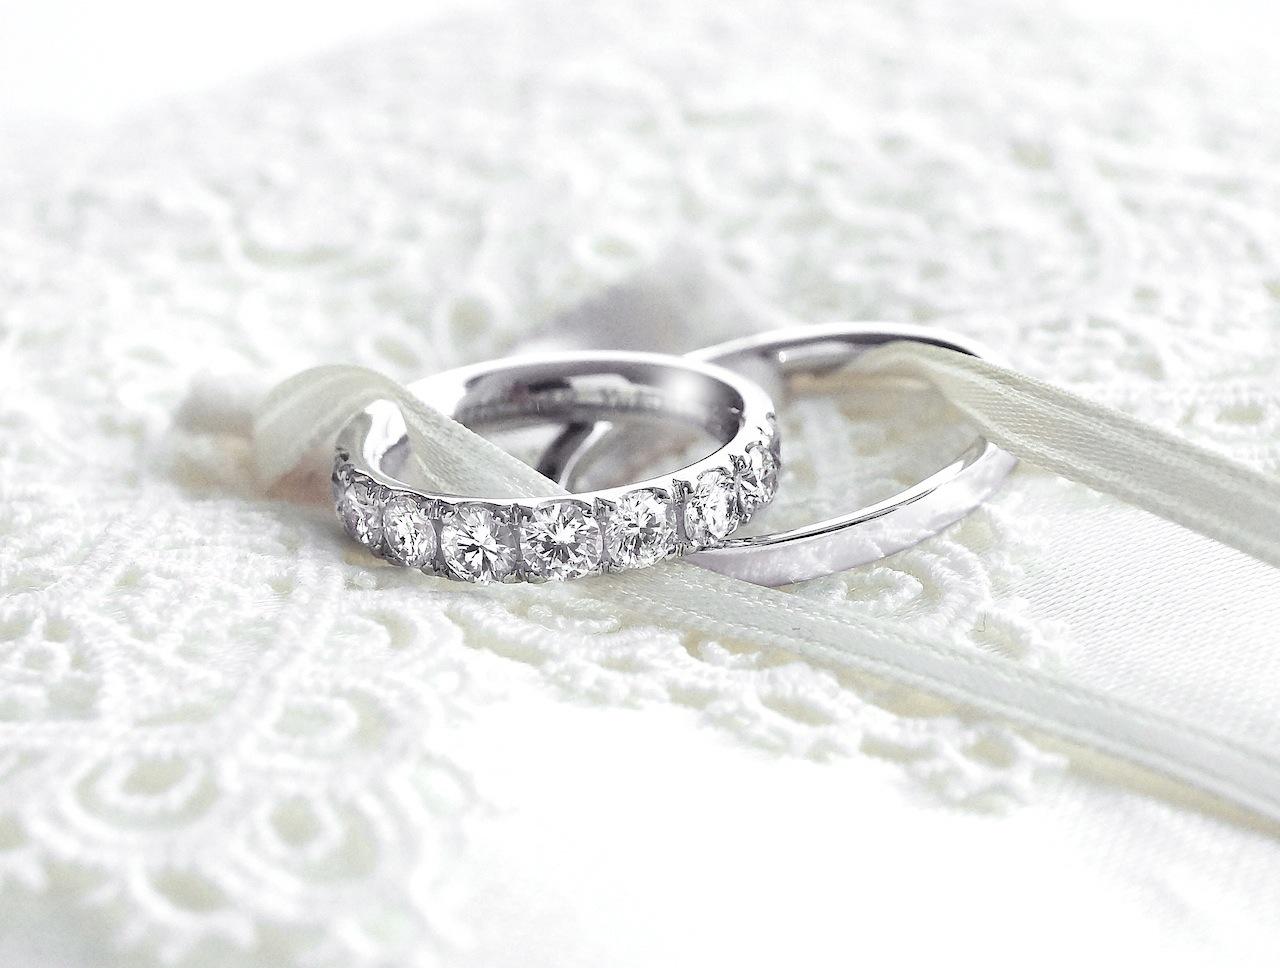 母から頂いたダイヤモンドで記念のマリッジリング(結婚指輪)を作る。